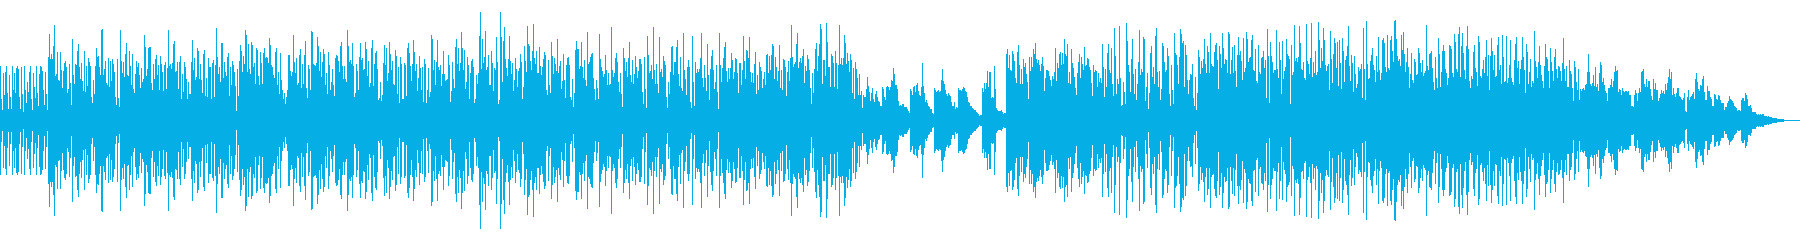 ファンキーでグルーヴ感抜群のhiphopの再生済みの波形